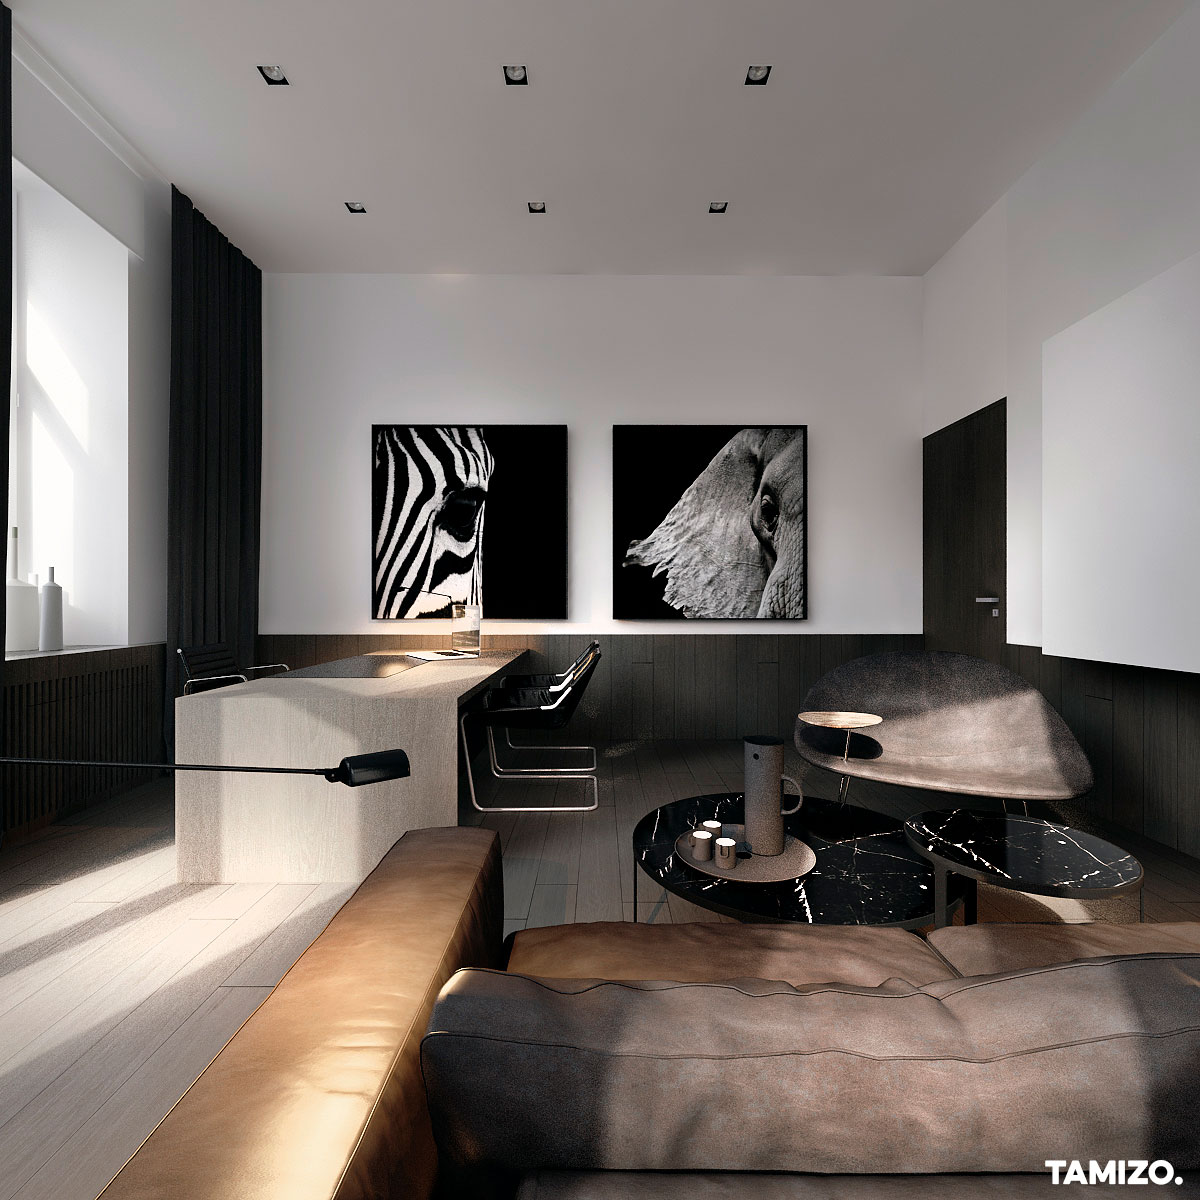 I060_tamizo_architekci_projekt_wnetrz_stara_kamienica_kancelaria_adwokacka_minimalizm_lodz_02